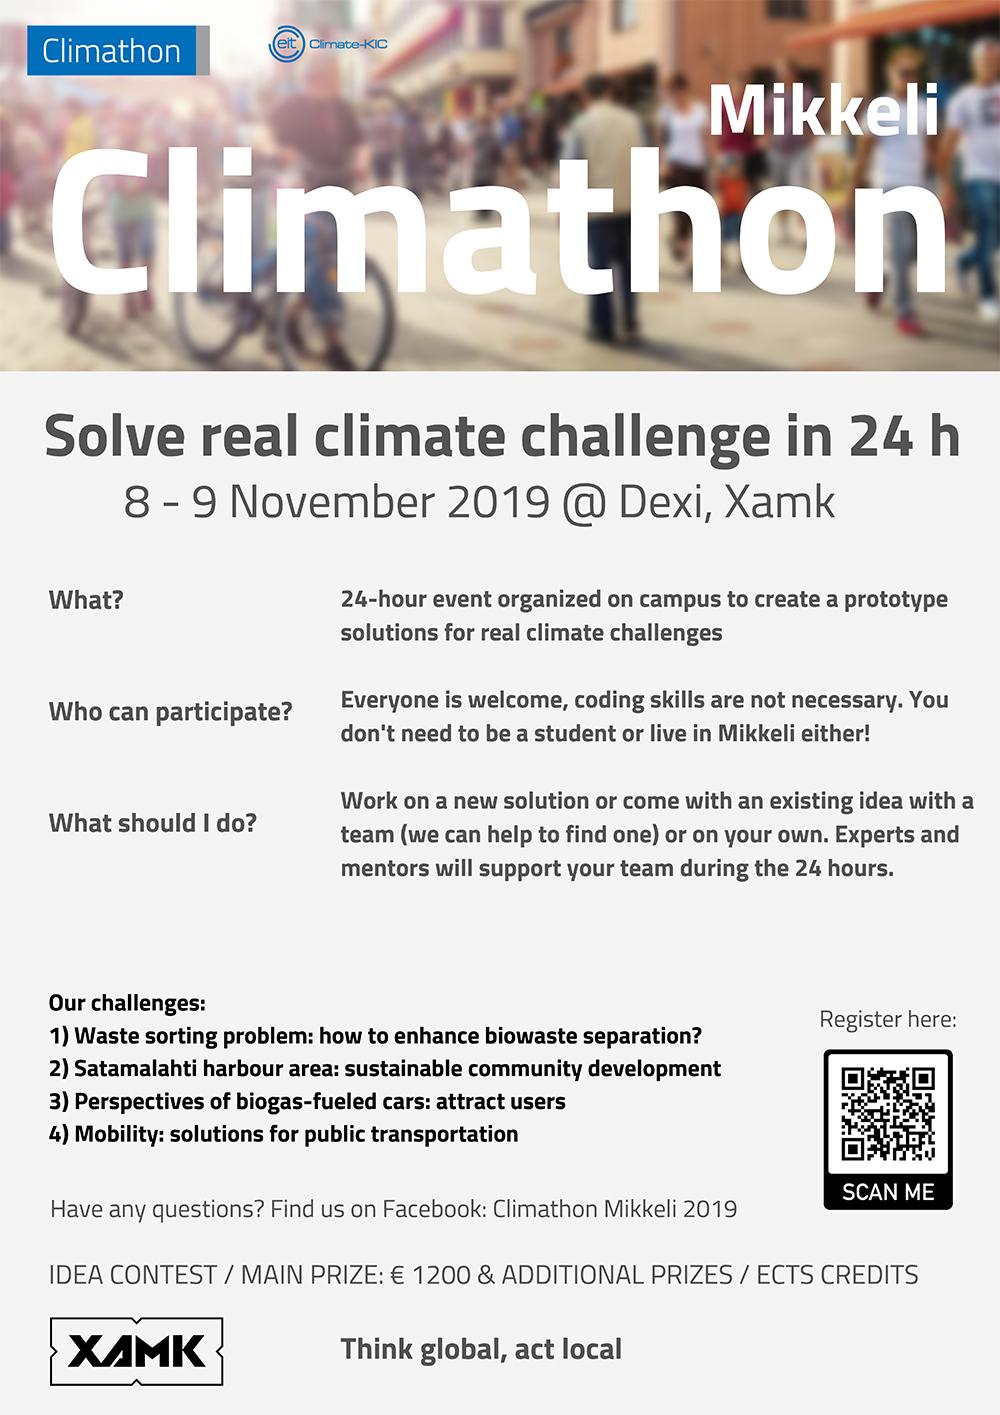 Mikkeli Climathon